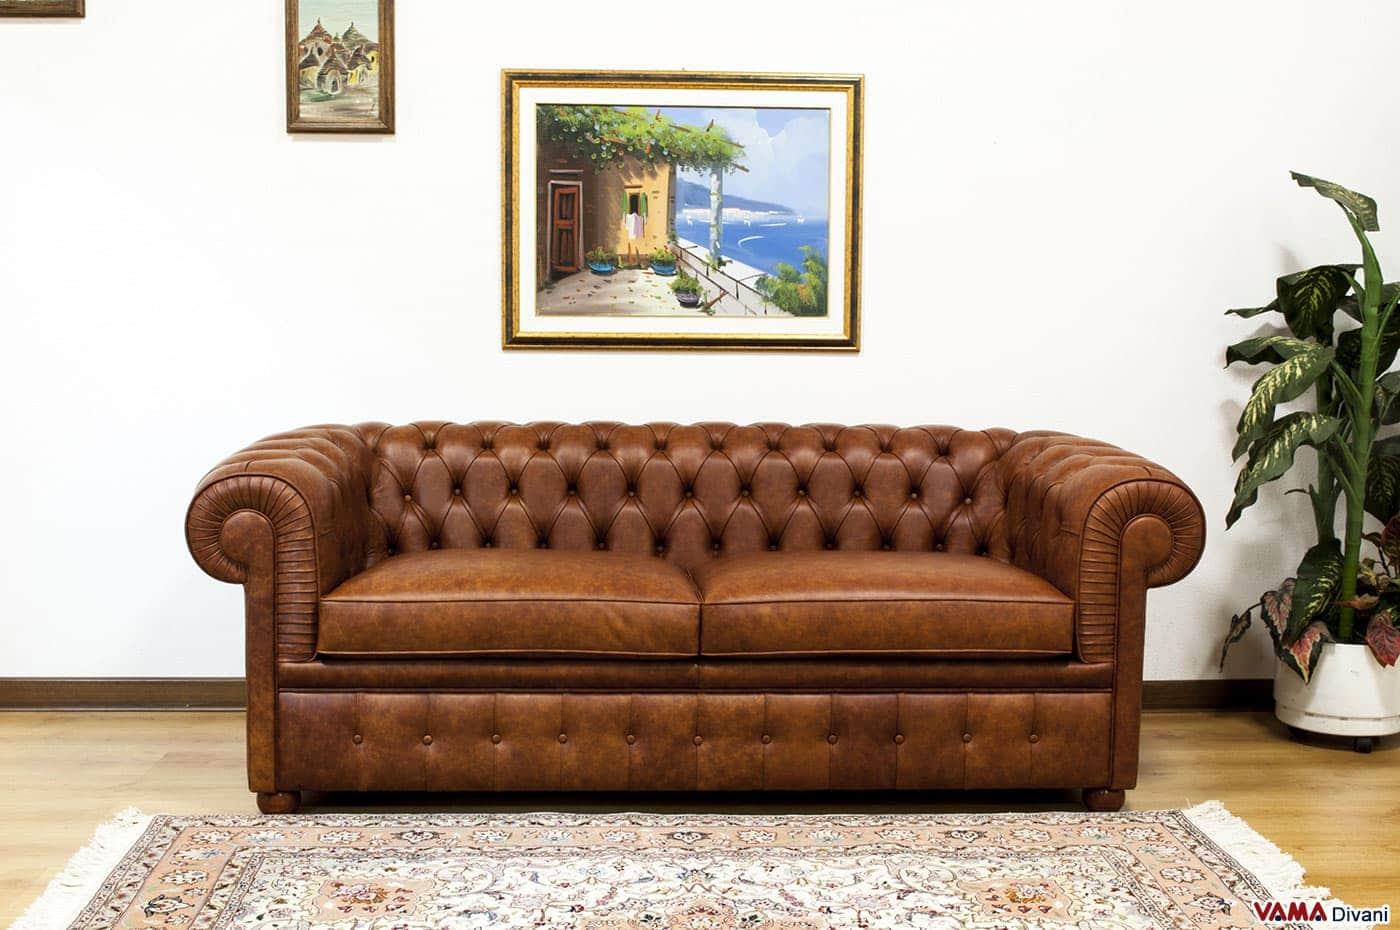 Divani pelle invecchiata idee per il design della casa - Divani in pelle ikea ...